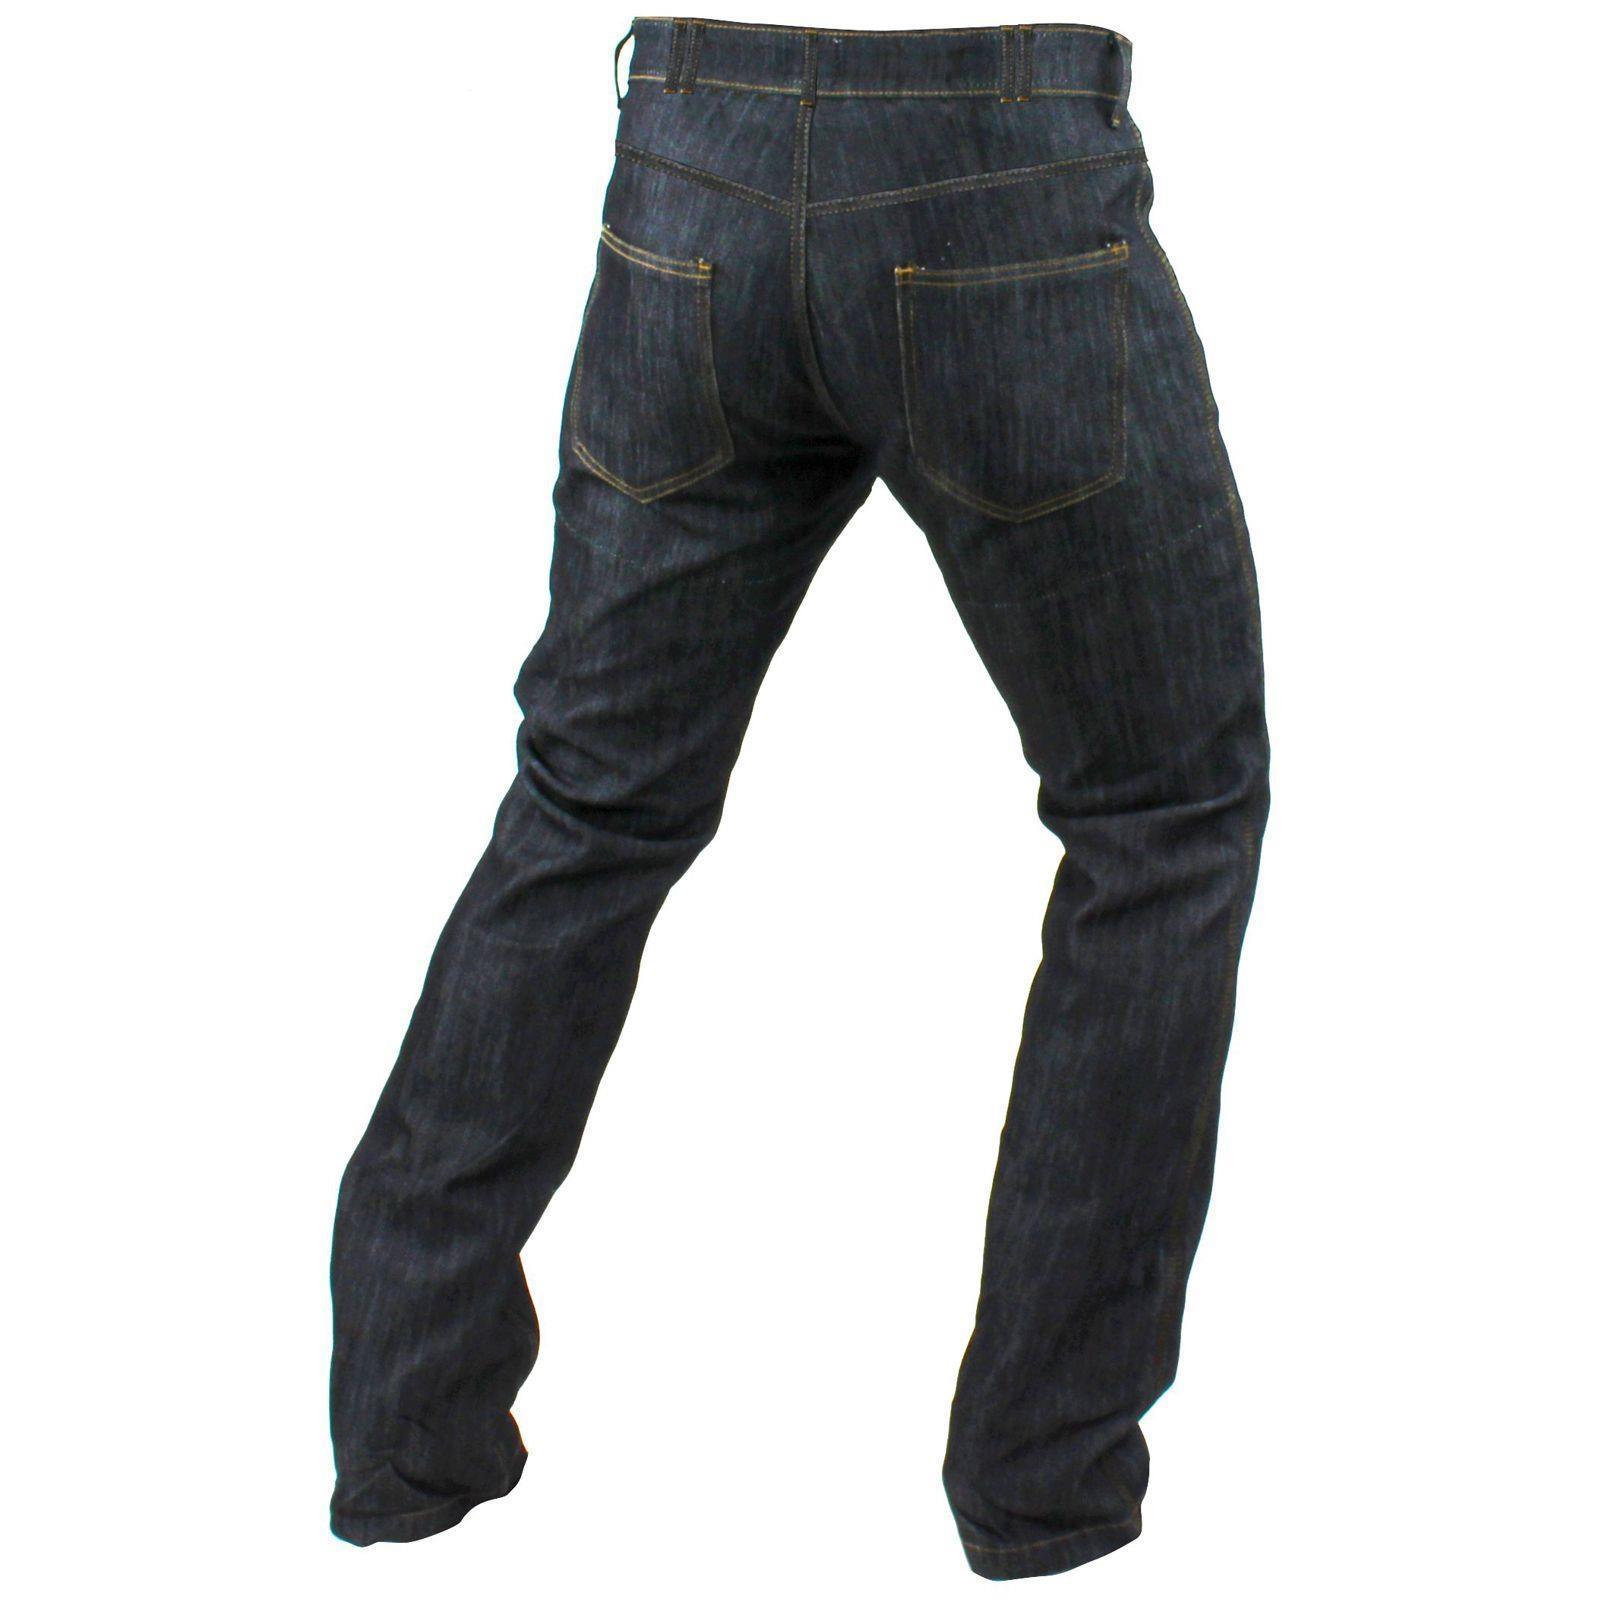 Trilobite Ton Up Jeans Uomo Pantaloni Moto fatti a mano mano mano blu di alta qualità c71d9d